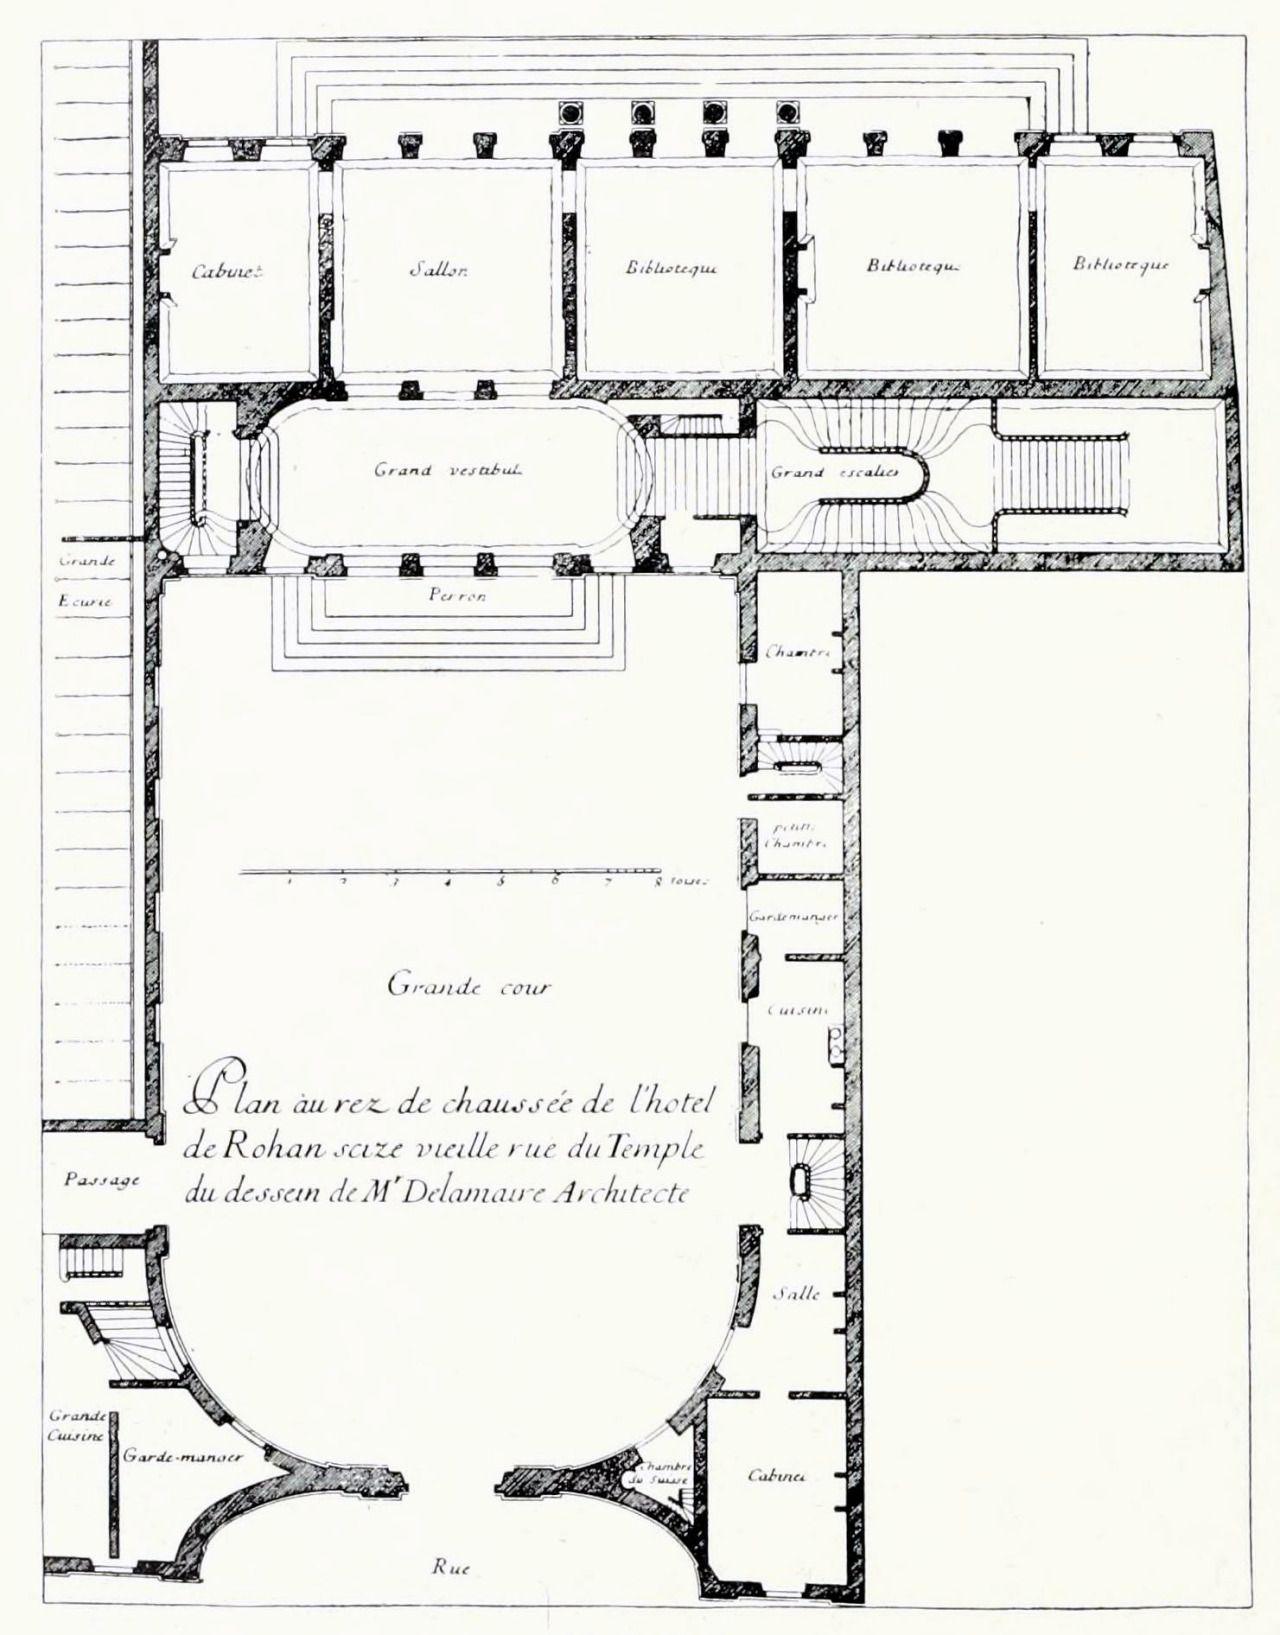 De La Maire's floor plan of the Hôtel de Rohan's ground